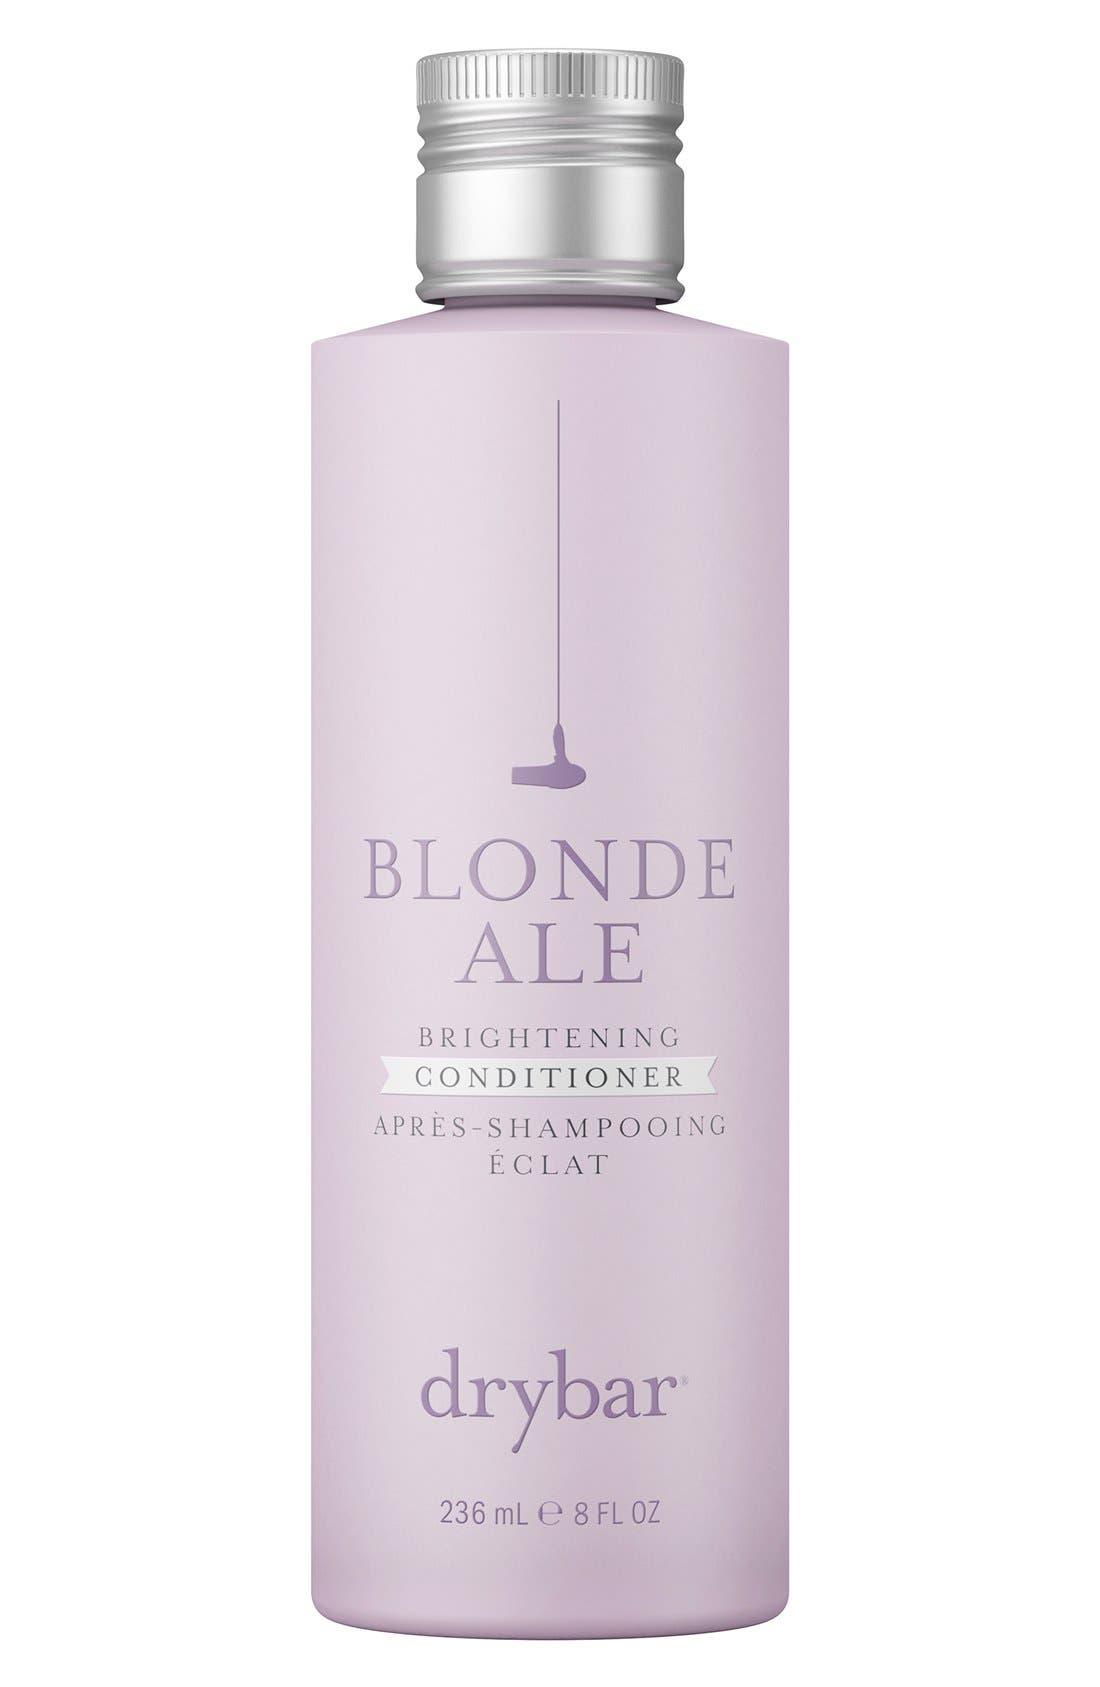 Blonde Ale Brightening Conditioner